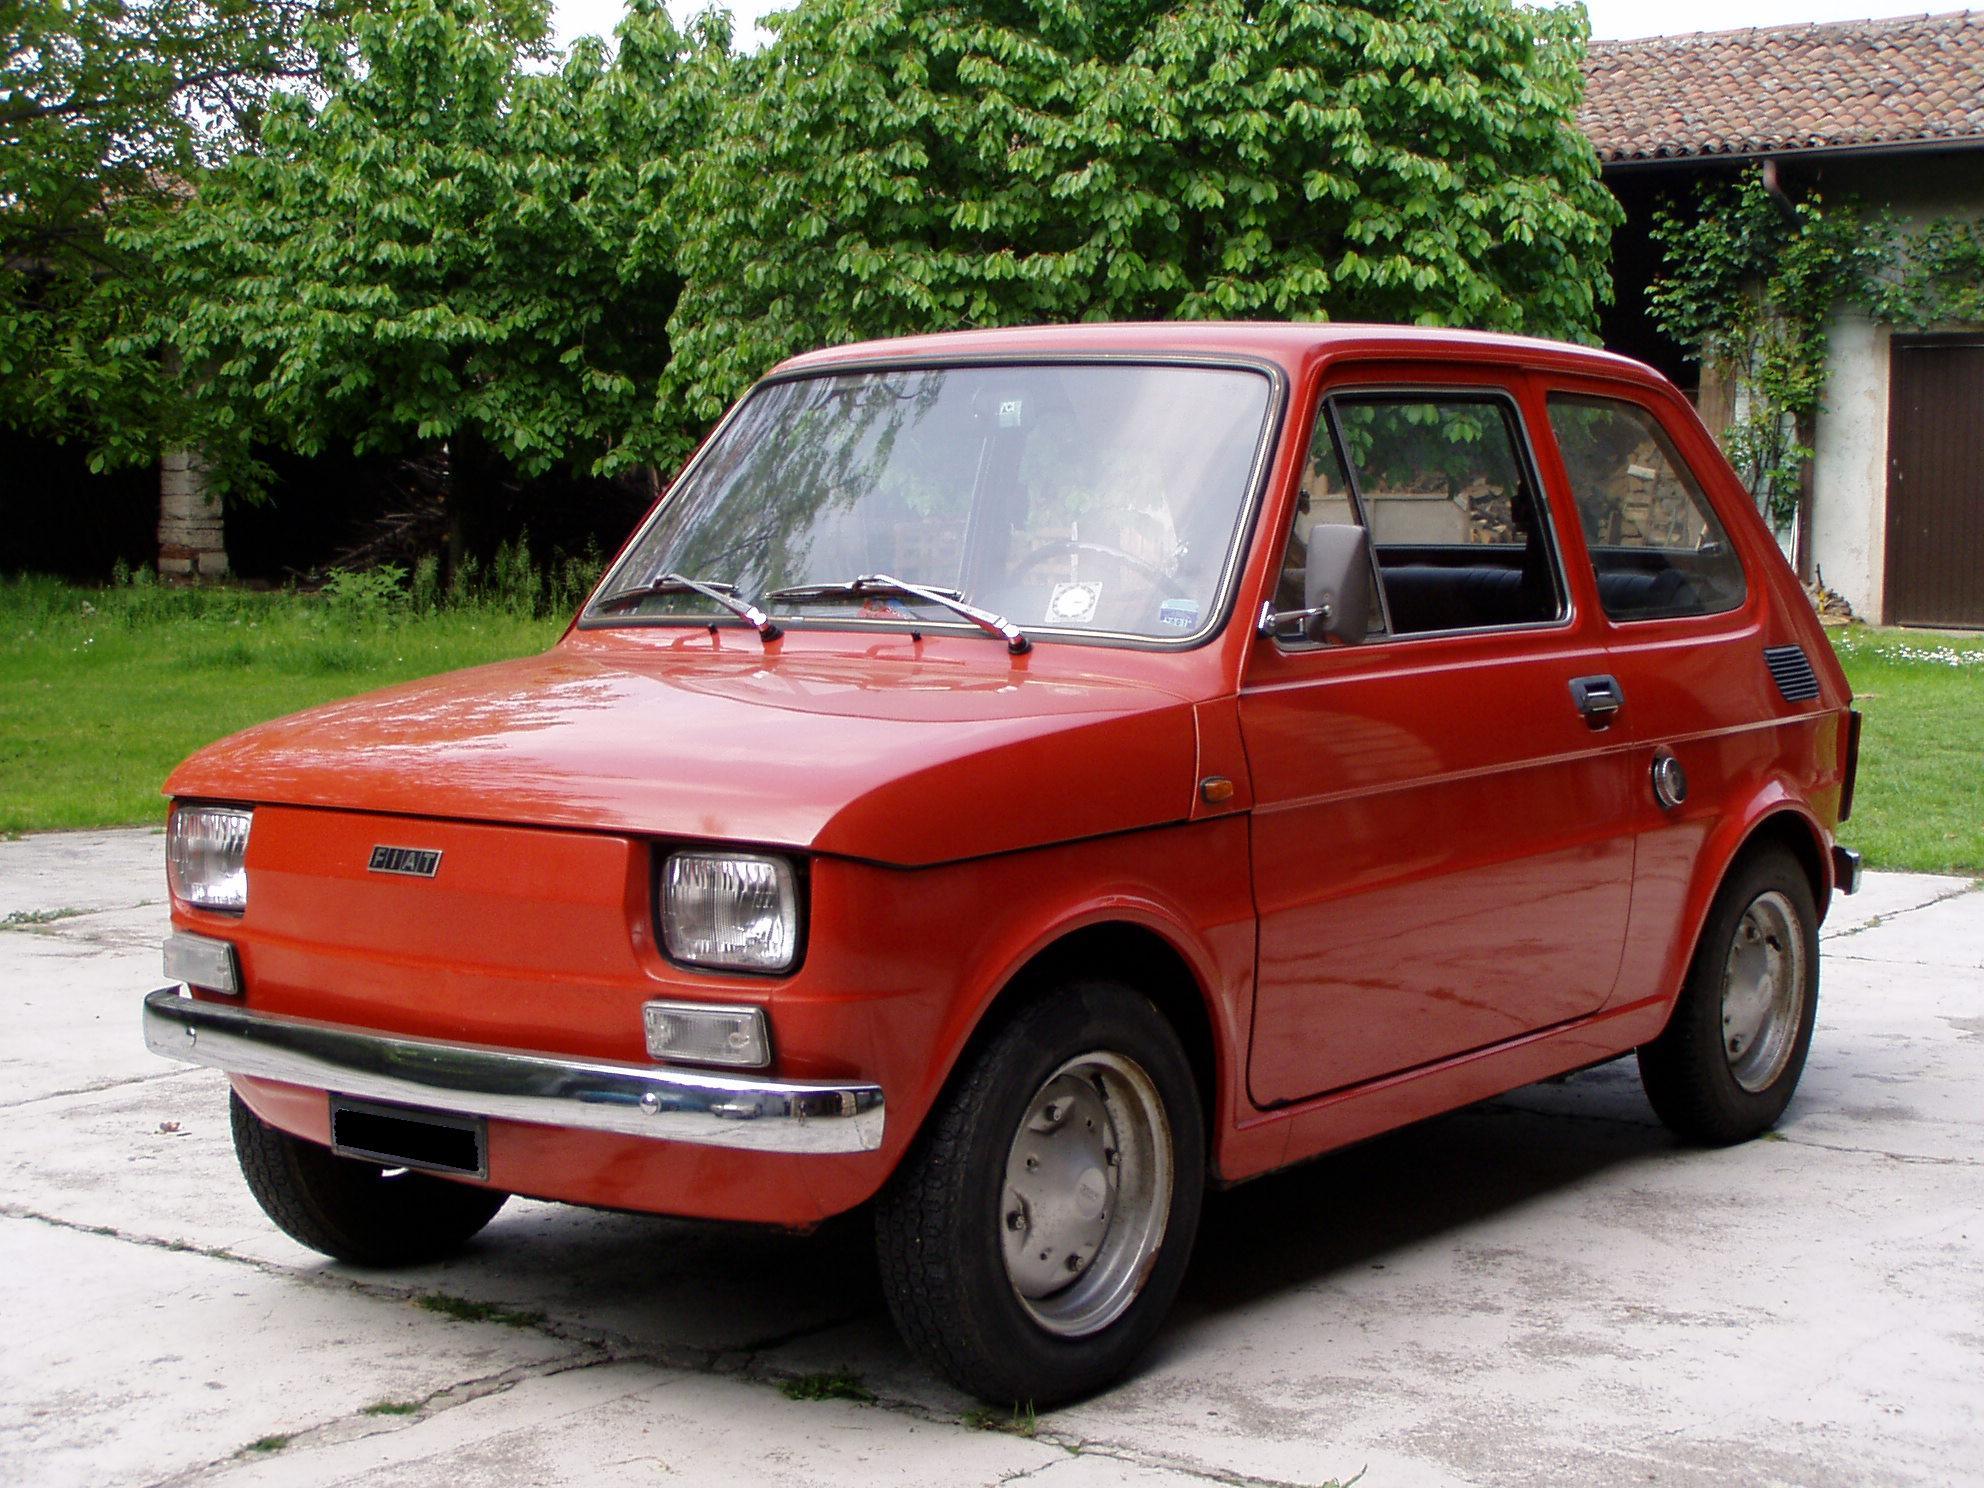 Il fait un rallye avec une vieille Fiat 126  vidéo Dailymotion